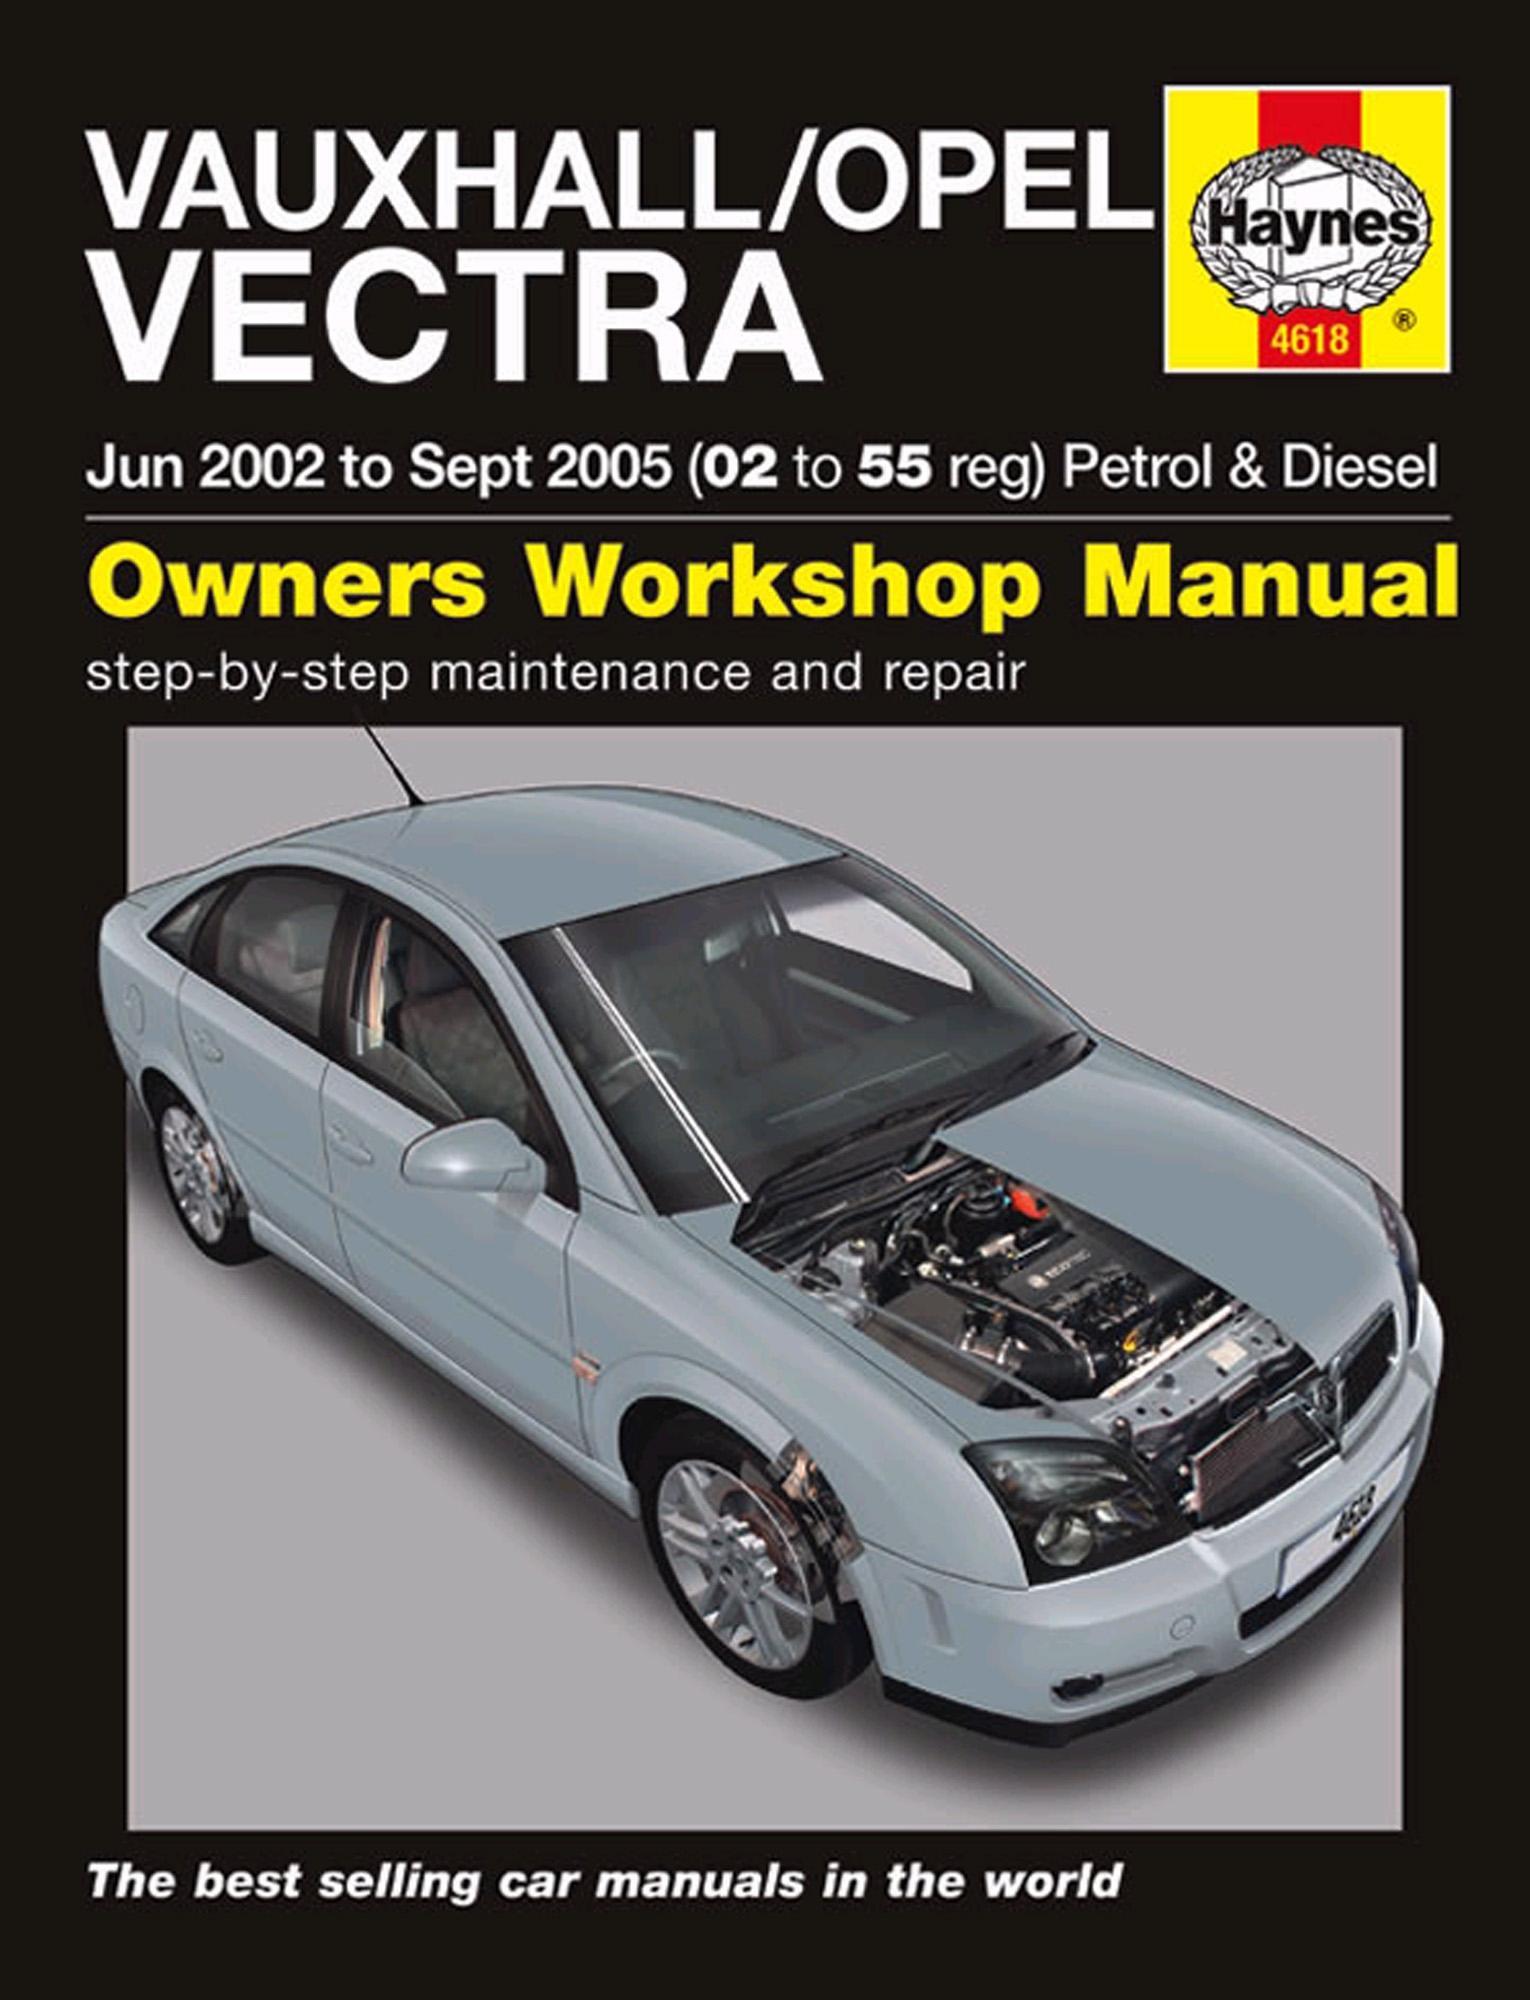 Haynes Owners Workshop Manual Vauxhall Opel Vectra 2002-2005 Petrol Diesel